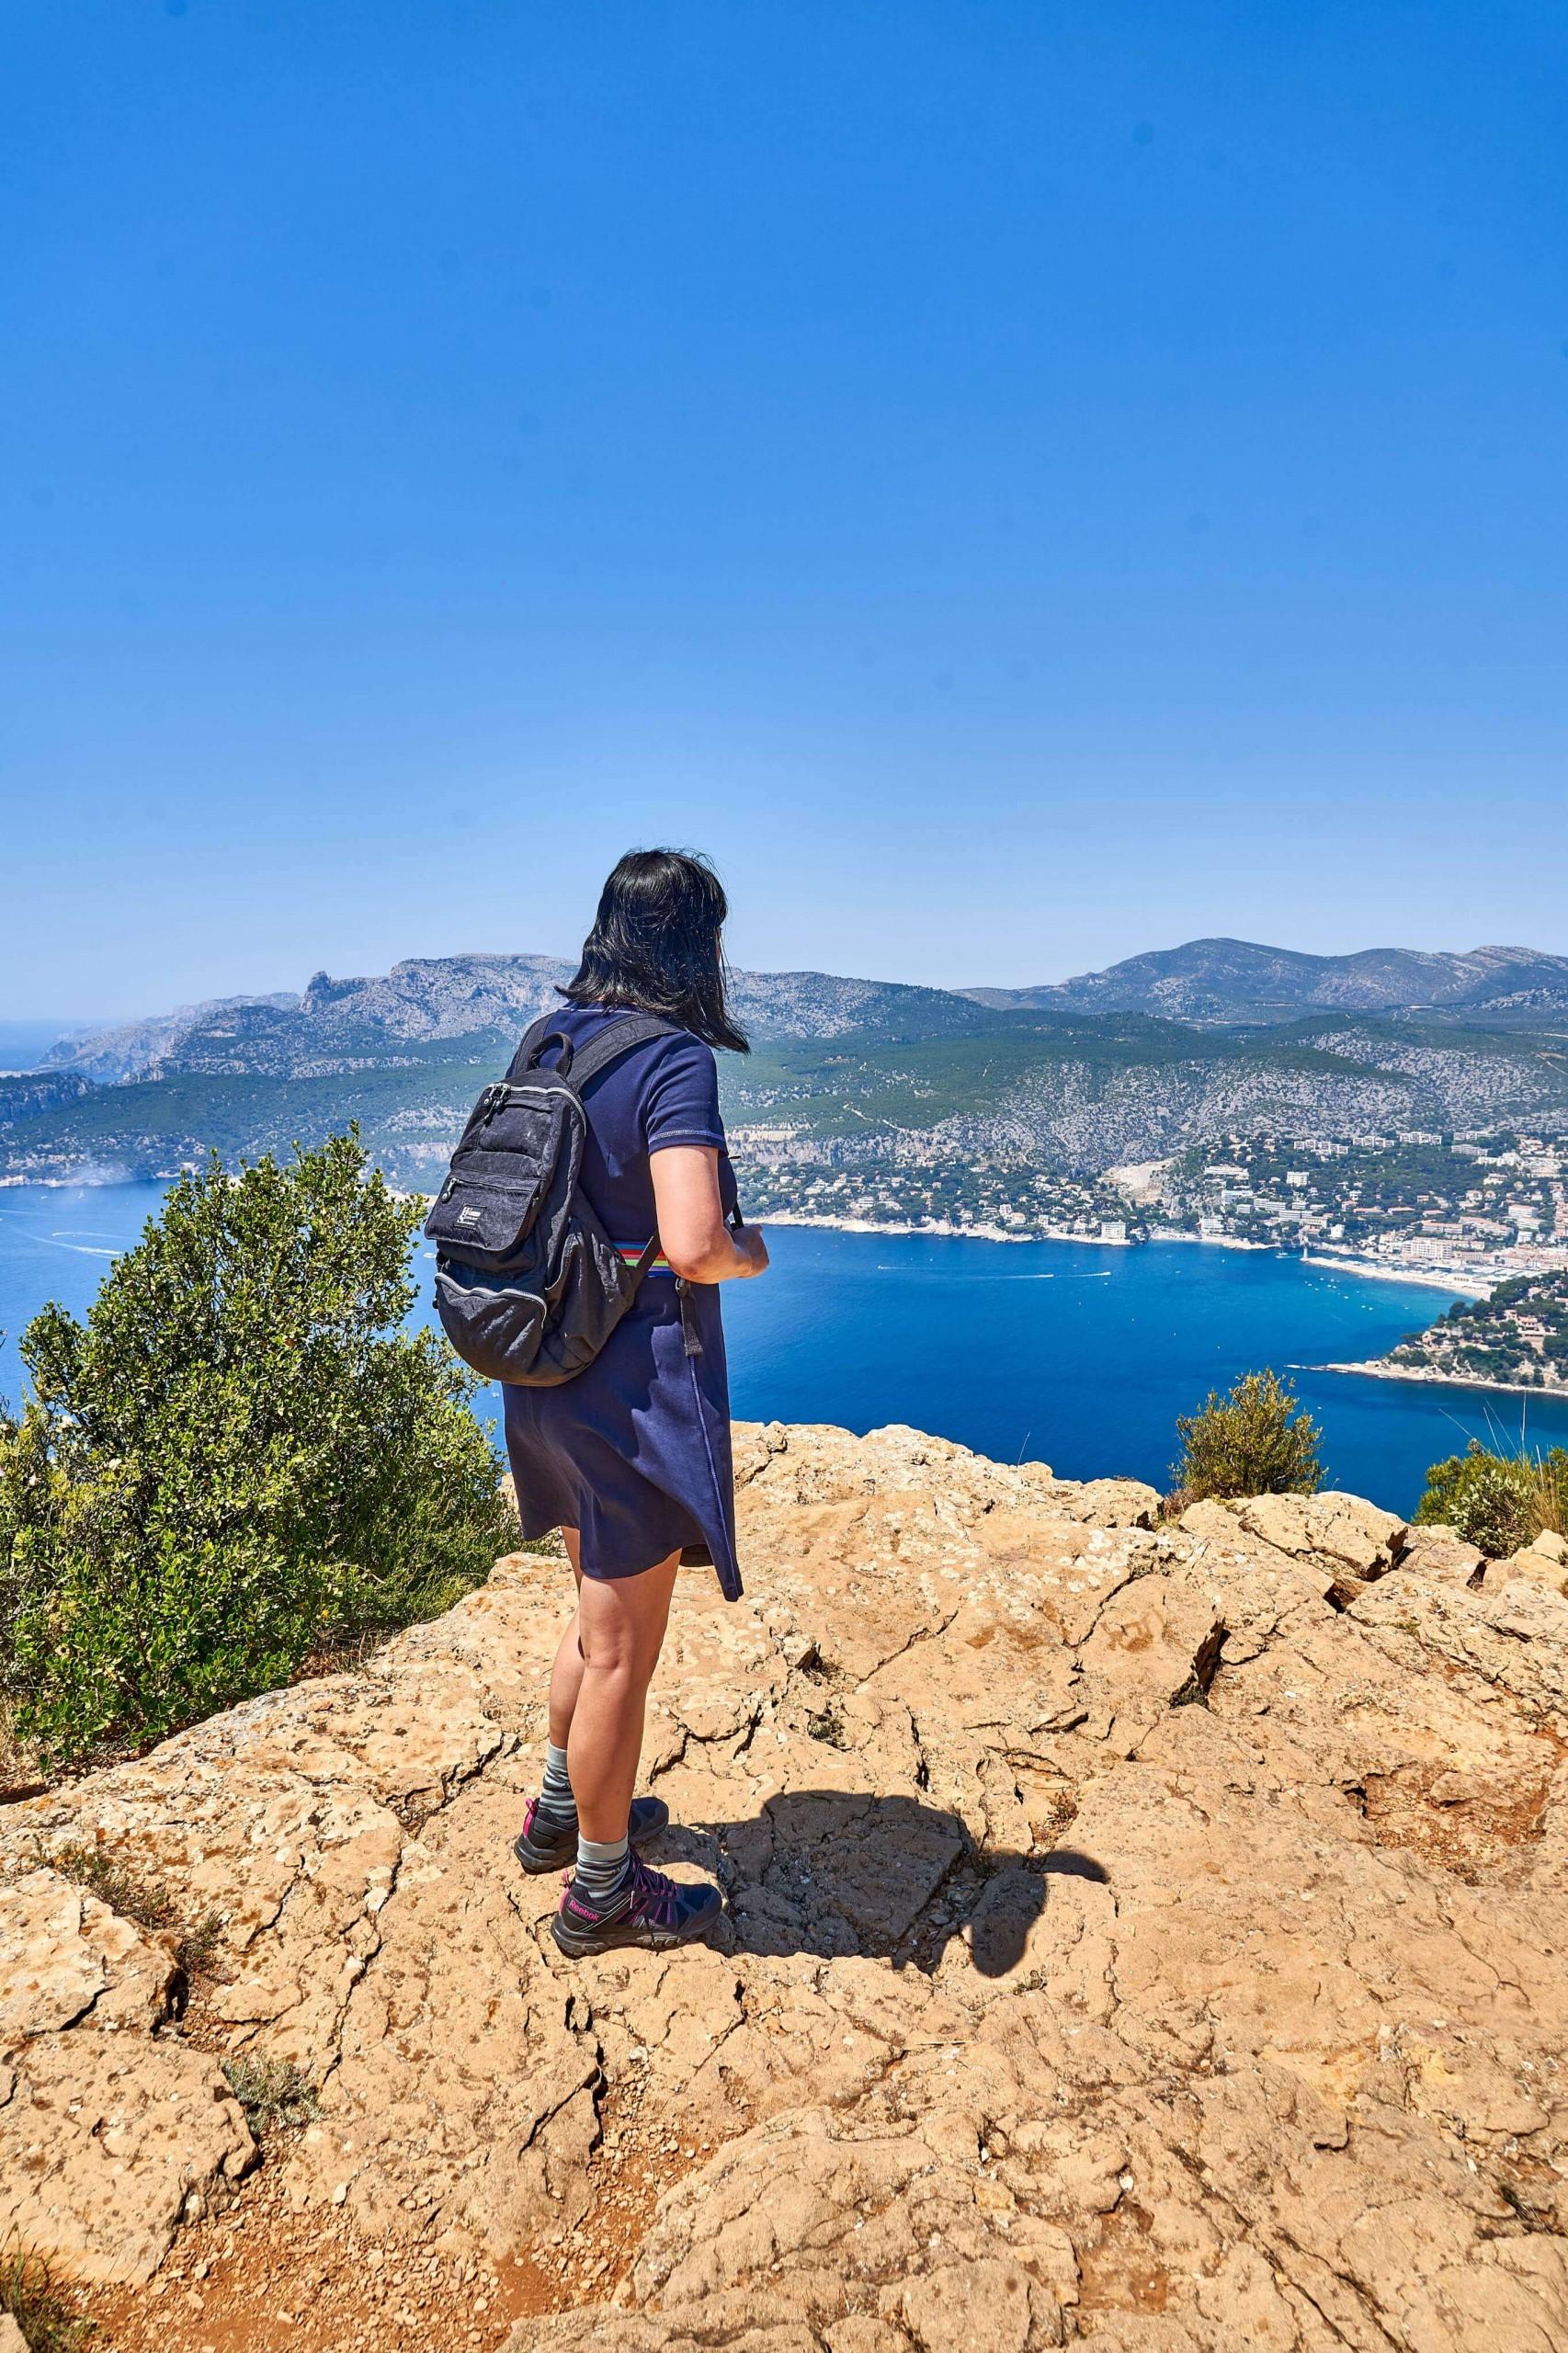 Route des Cretes;Cote d'Azur Hiking Trails